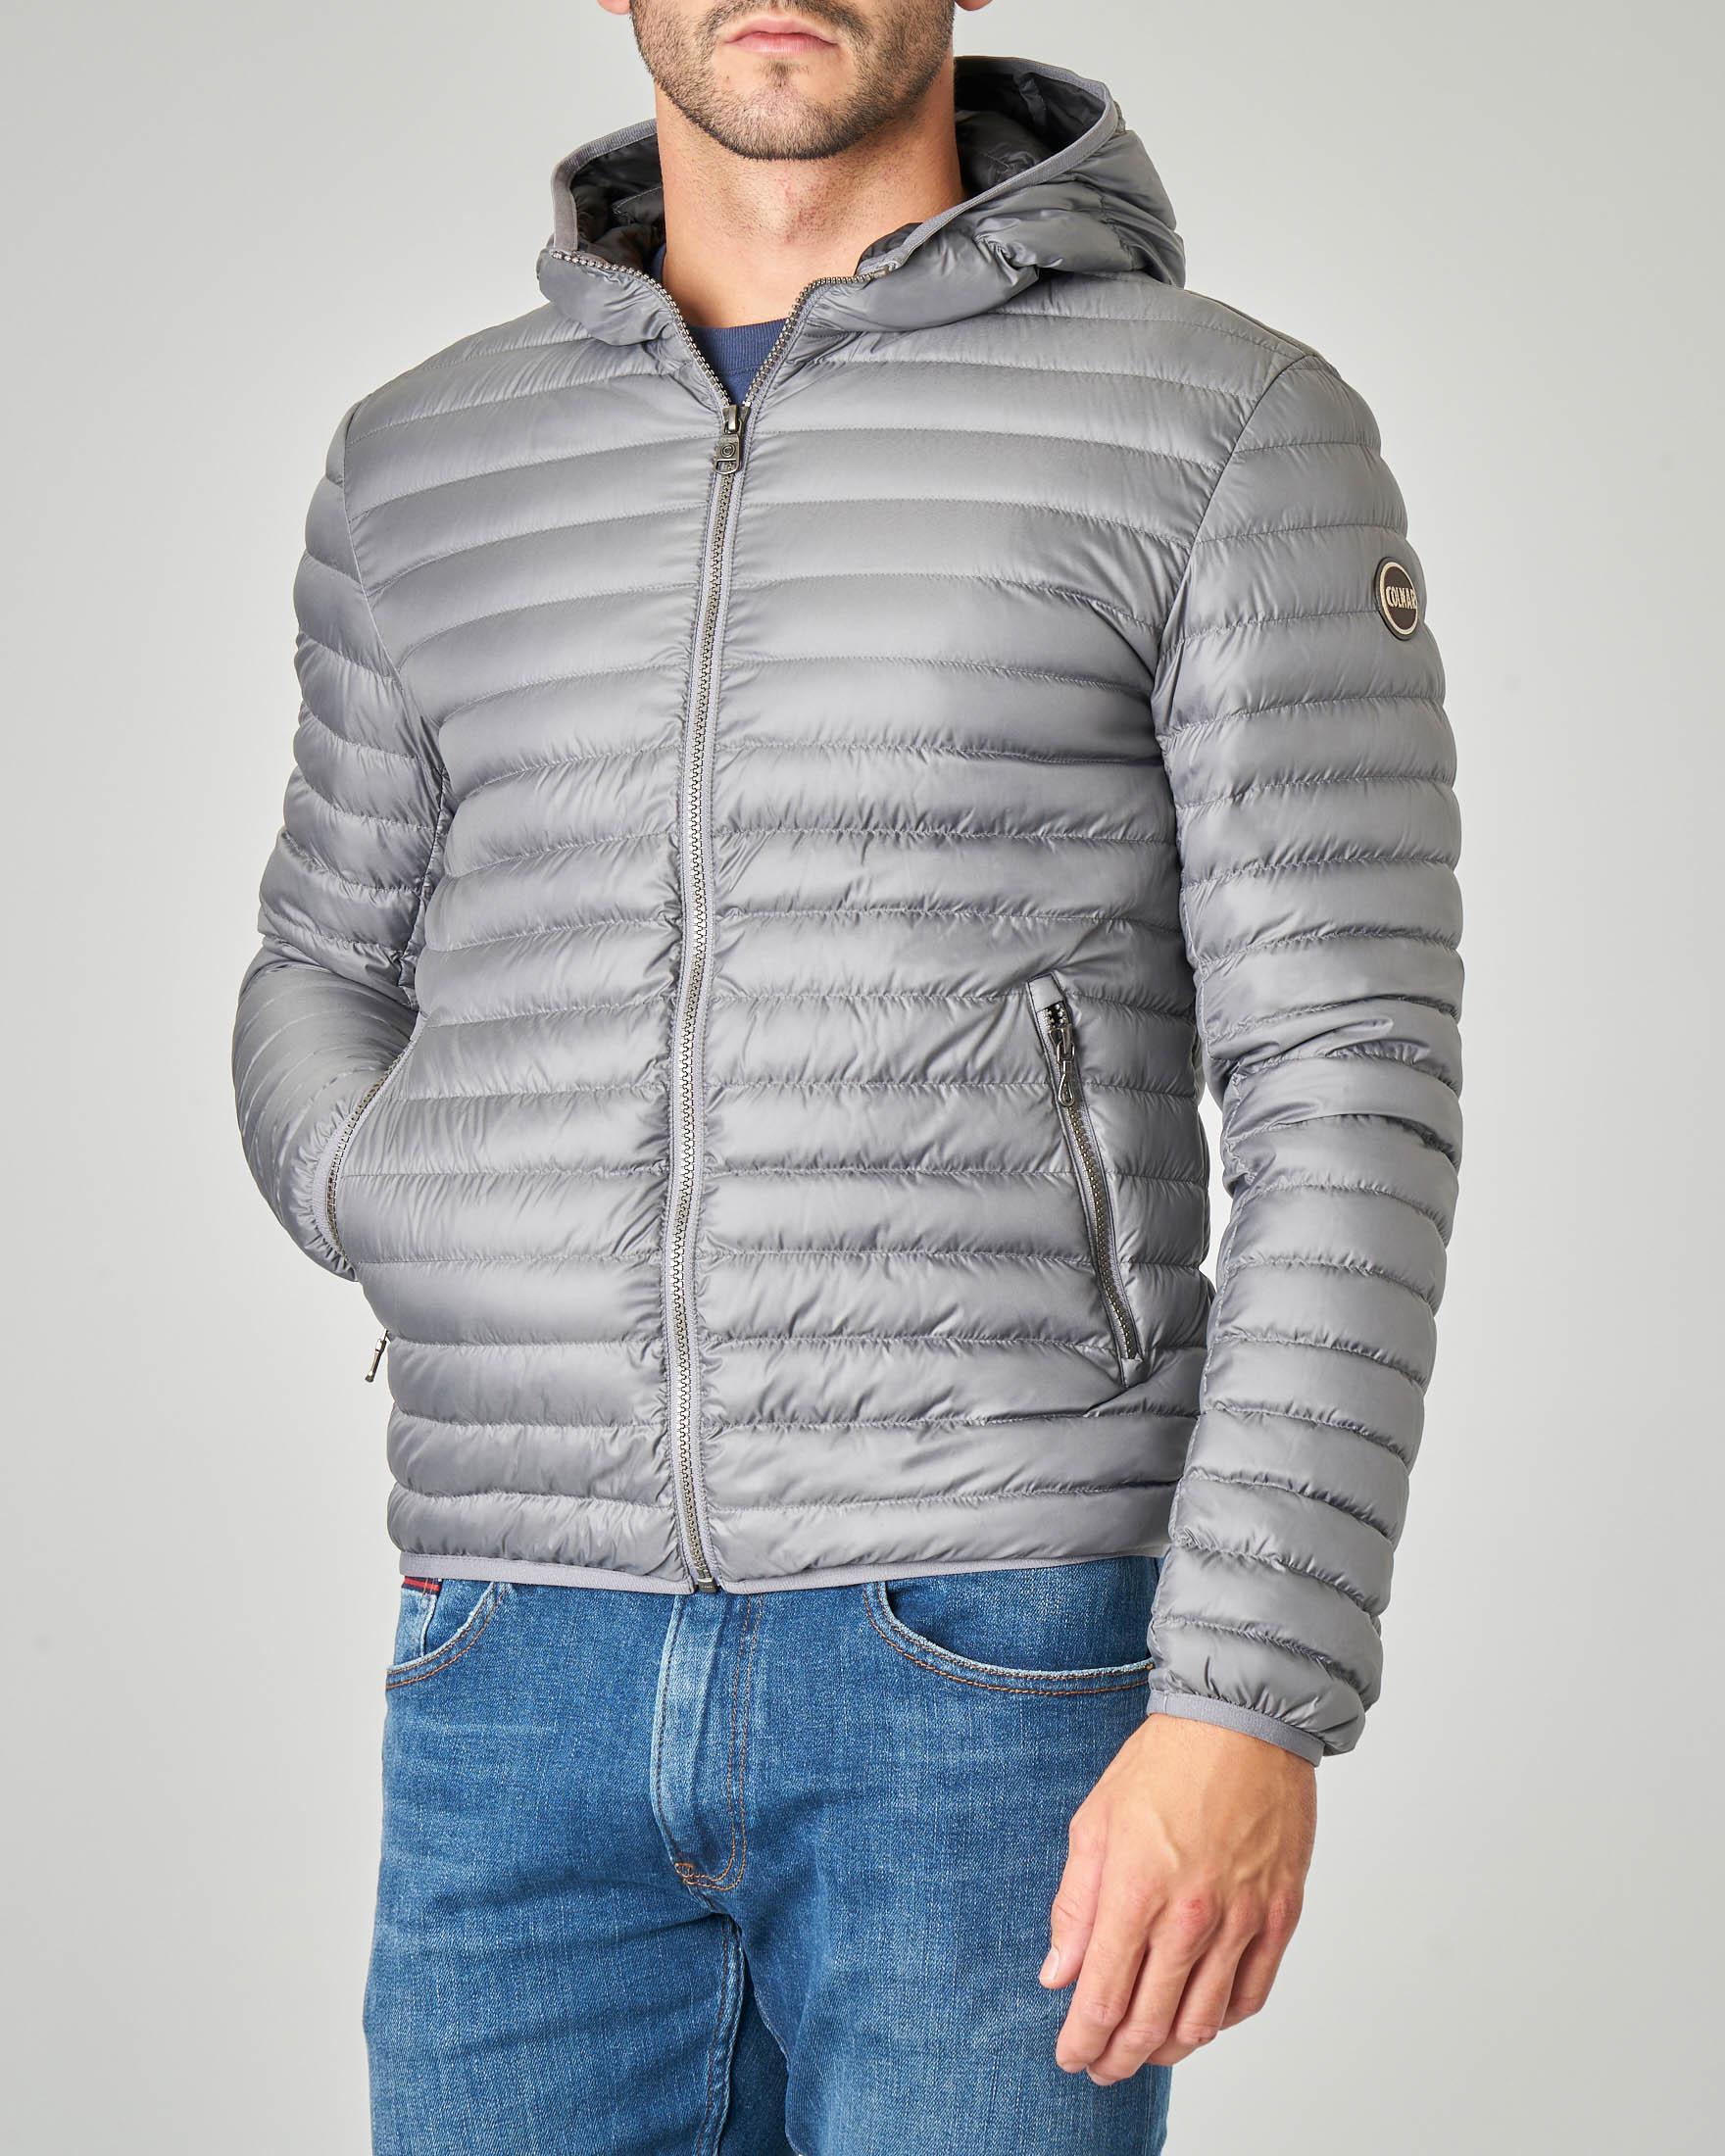 Piumino grigio leggero con cappuccio fisso